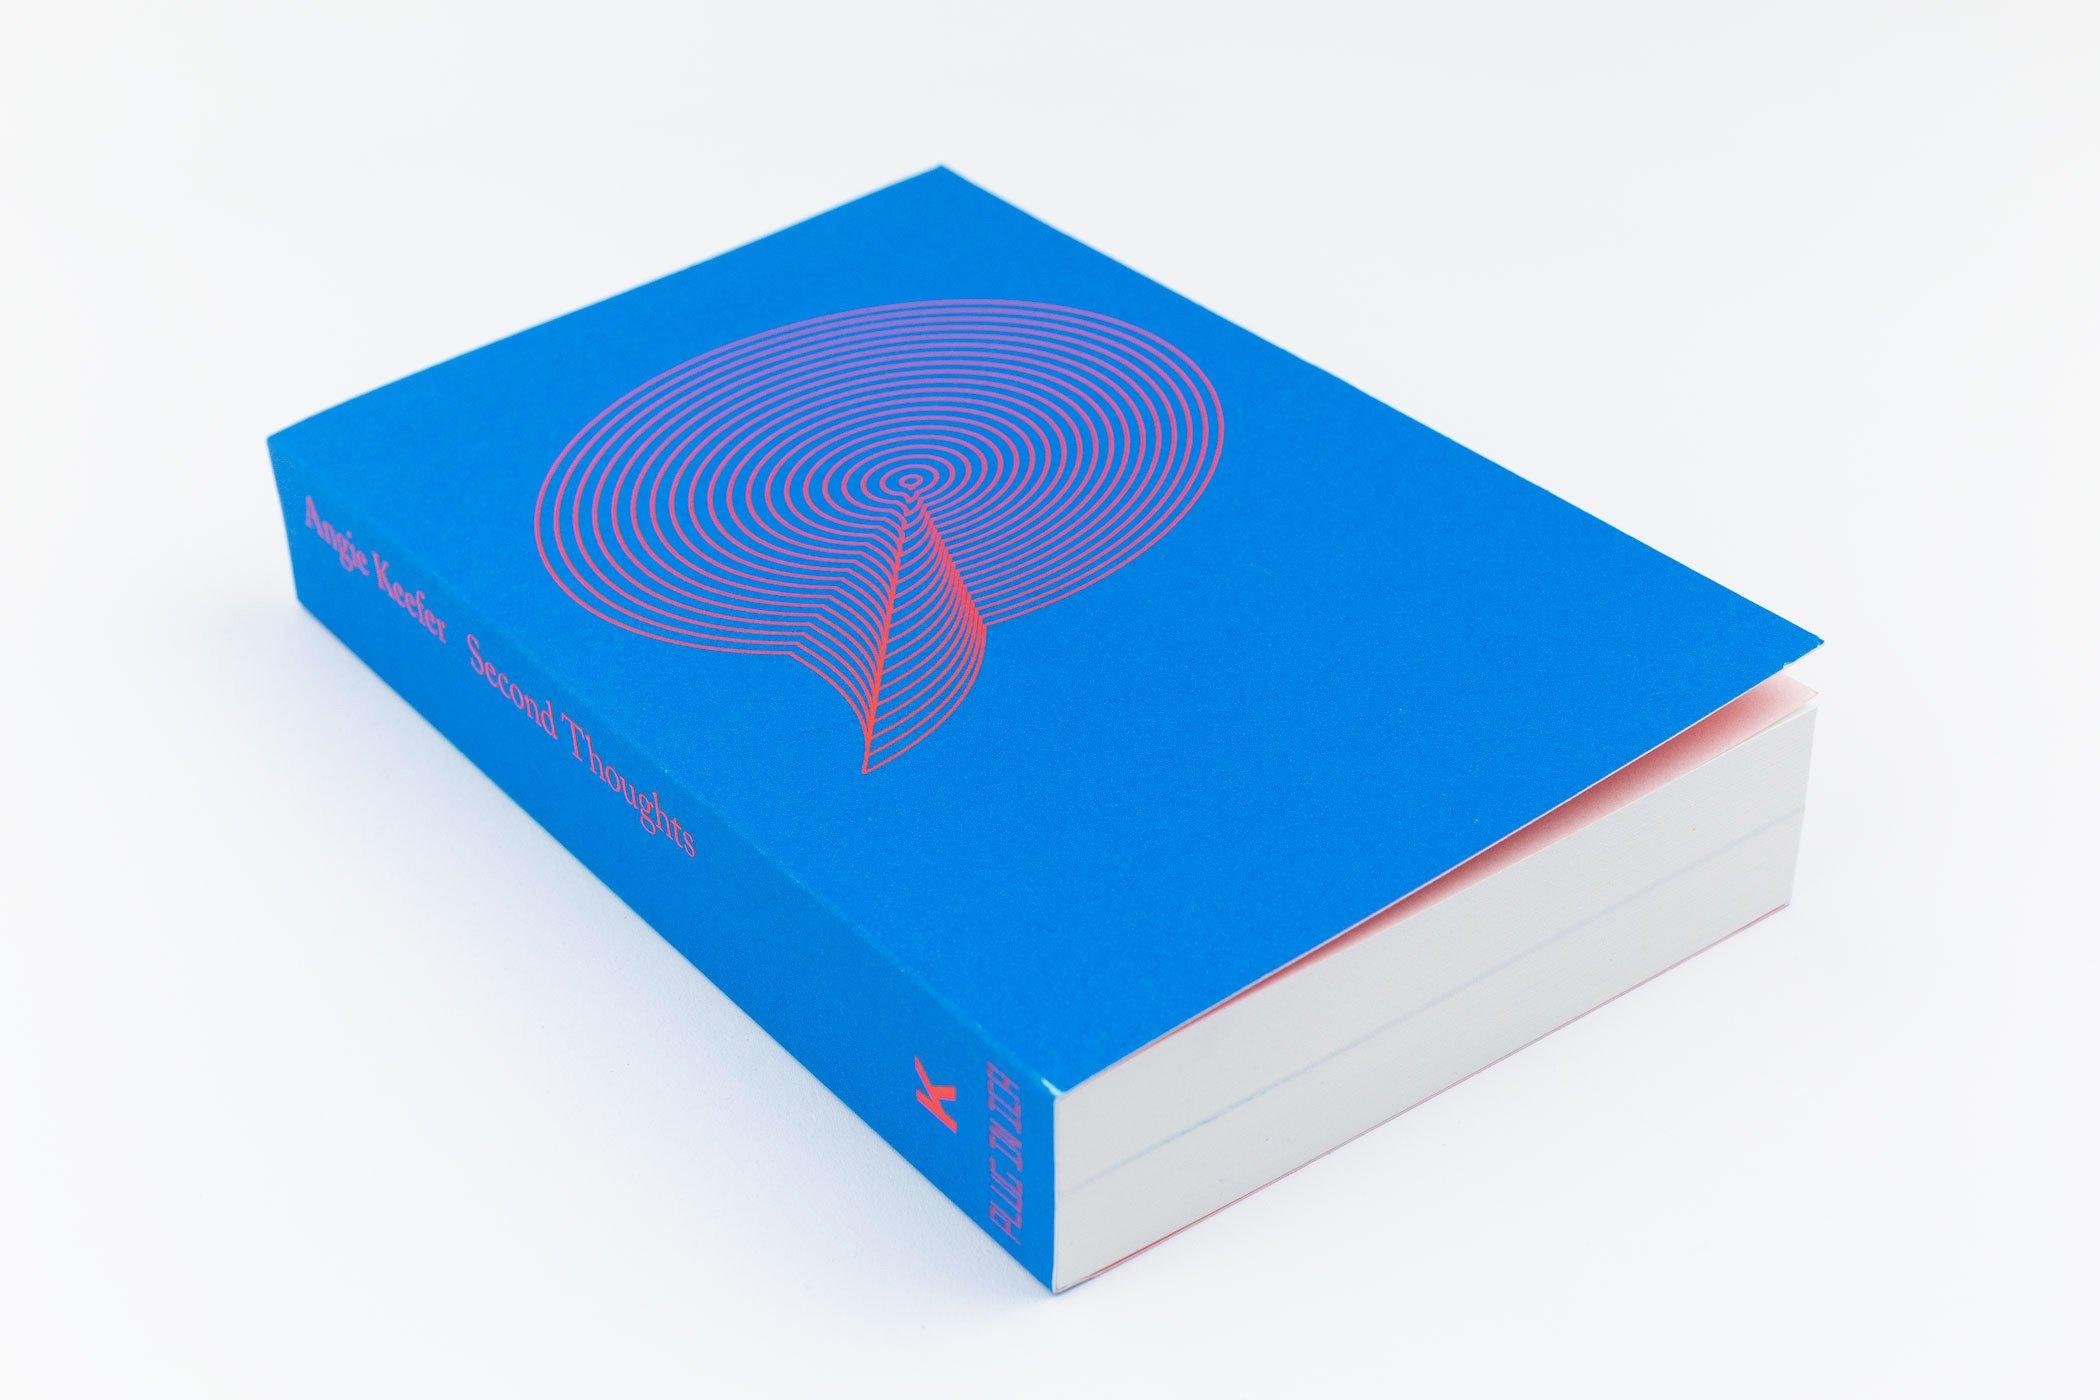 De omslag van het boek Angie Keefer: Second Thoughts. Kunstverein.